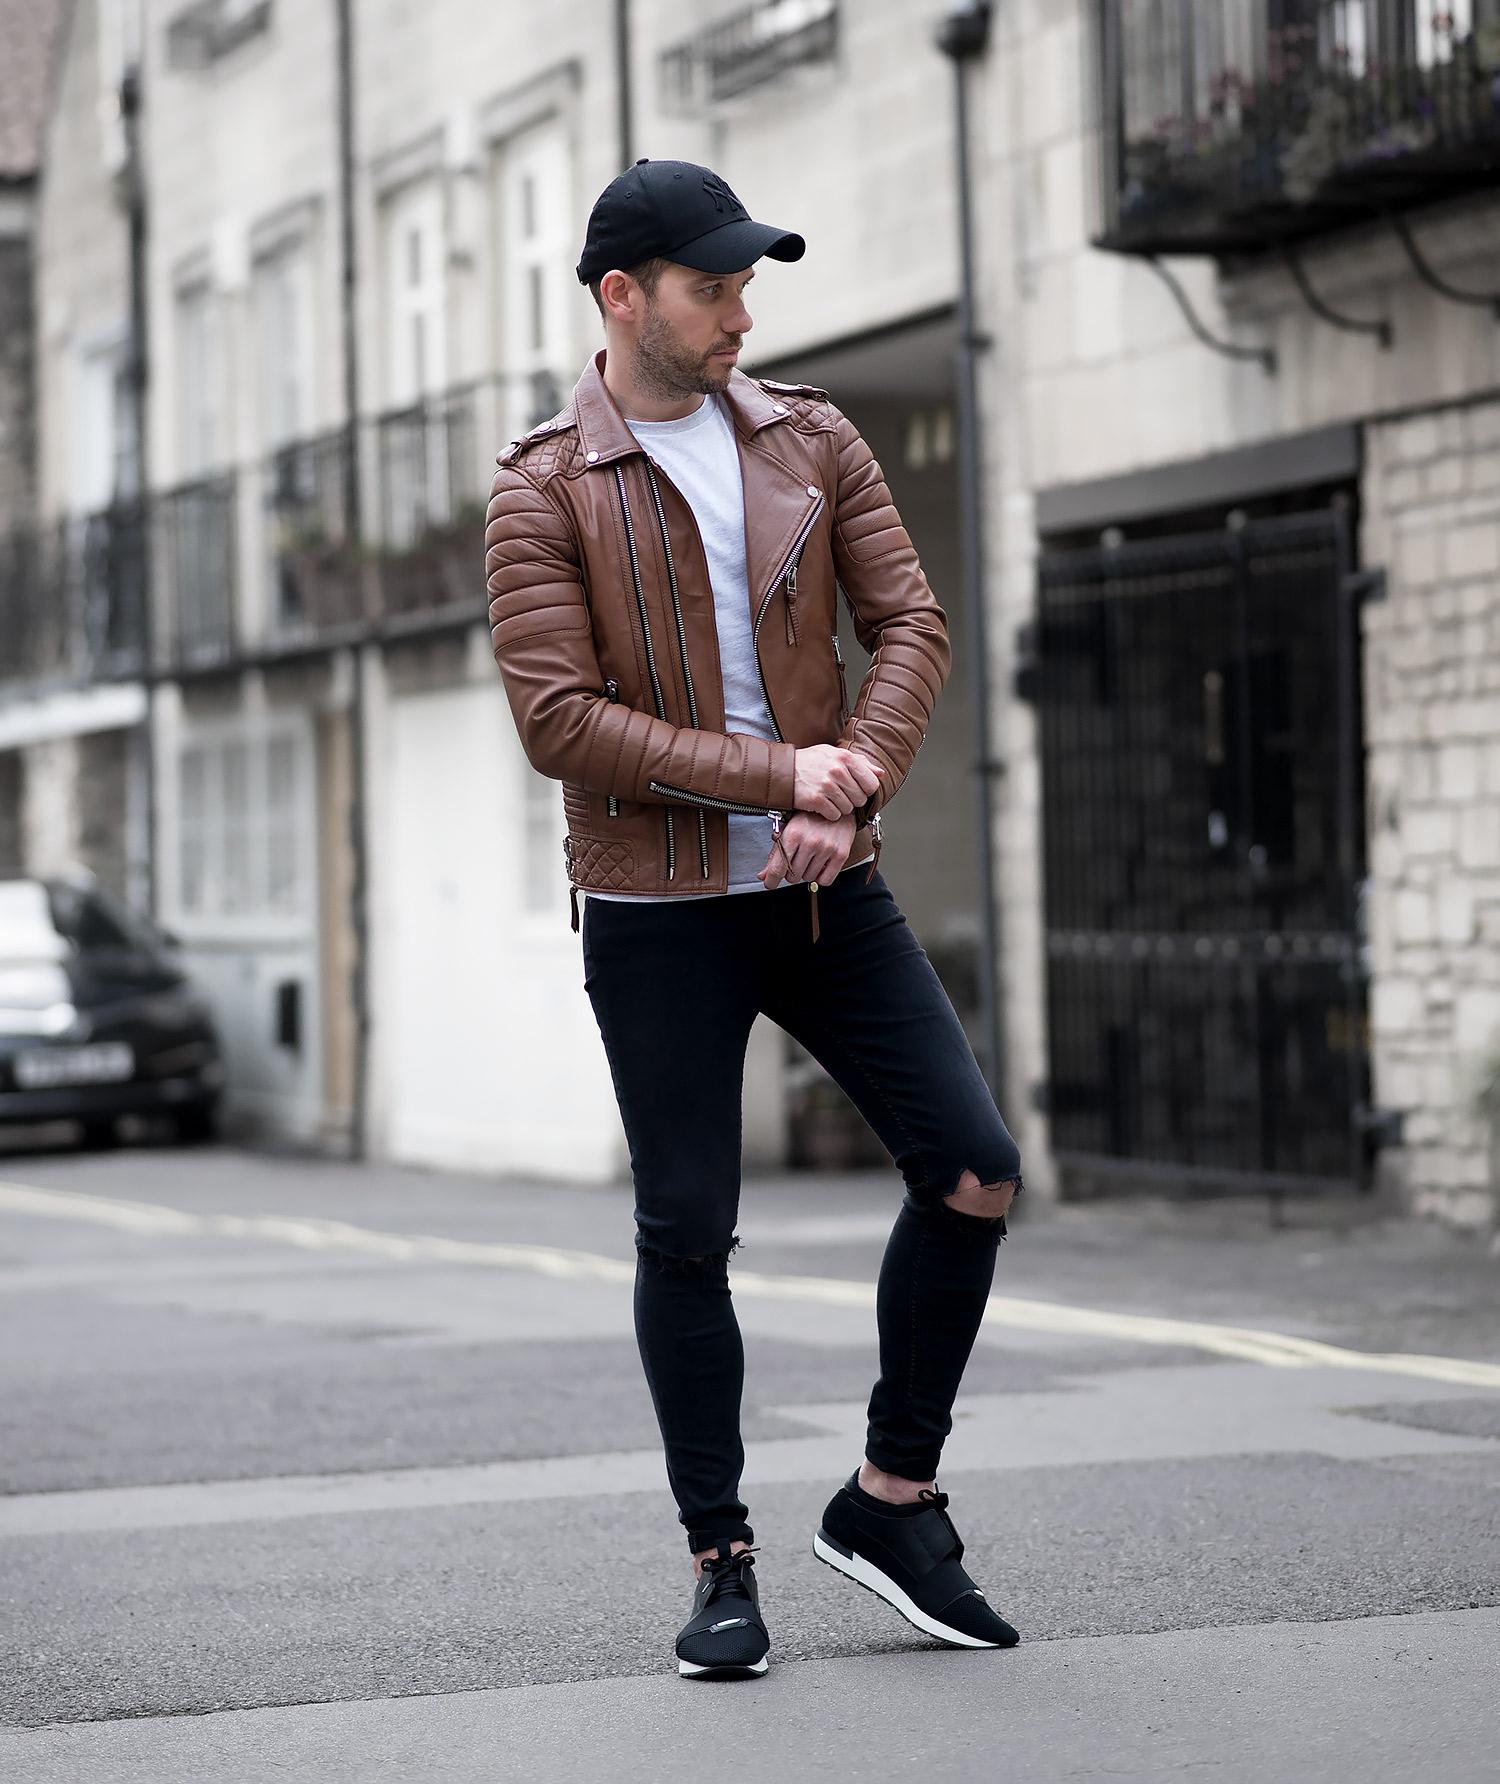 Boda Skins Antique Brown Biker Jacket Revisted Your Average Guy